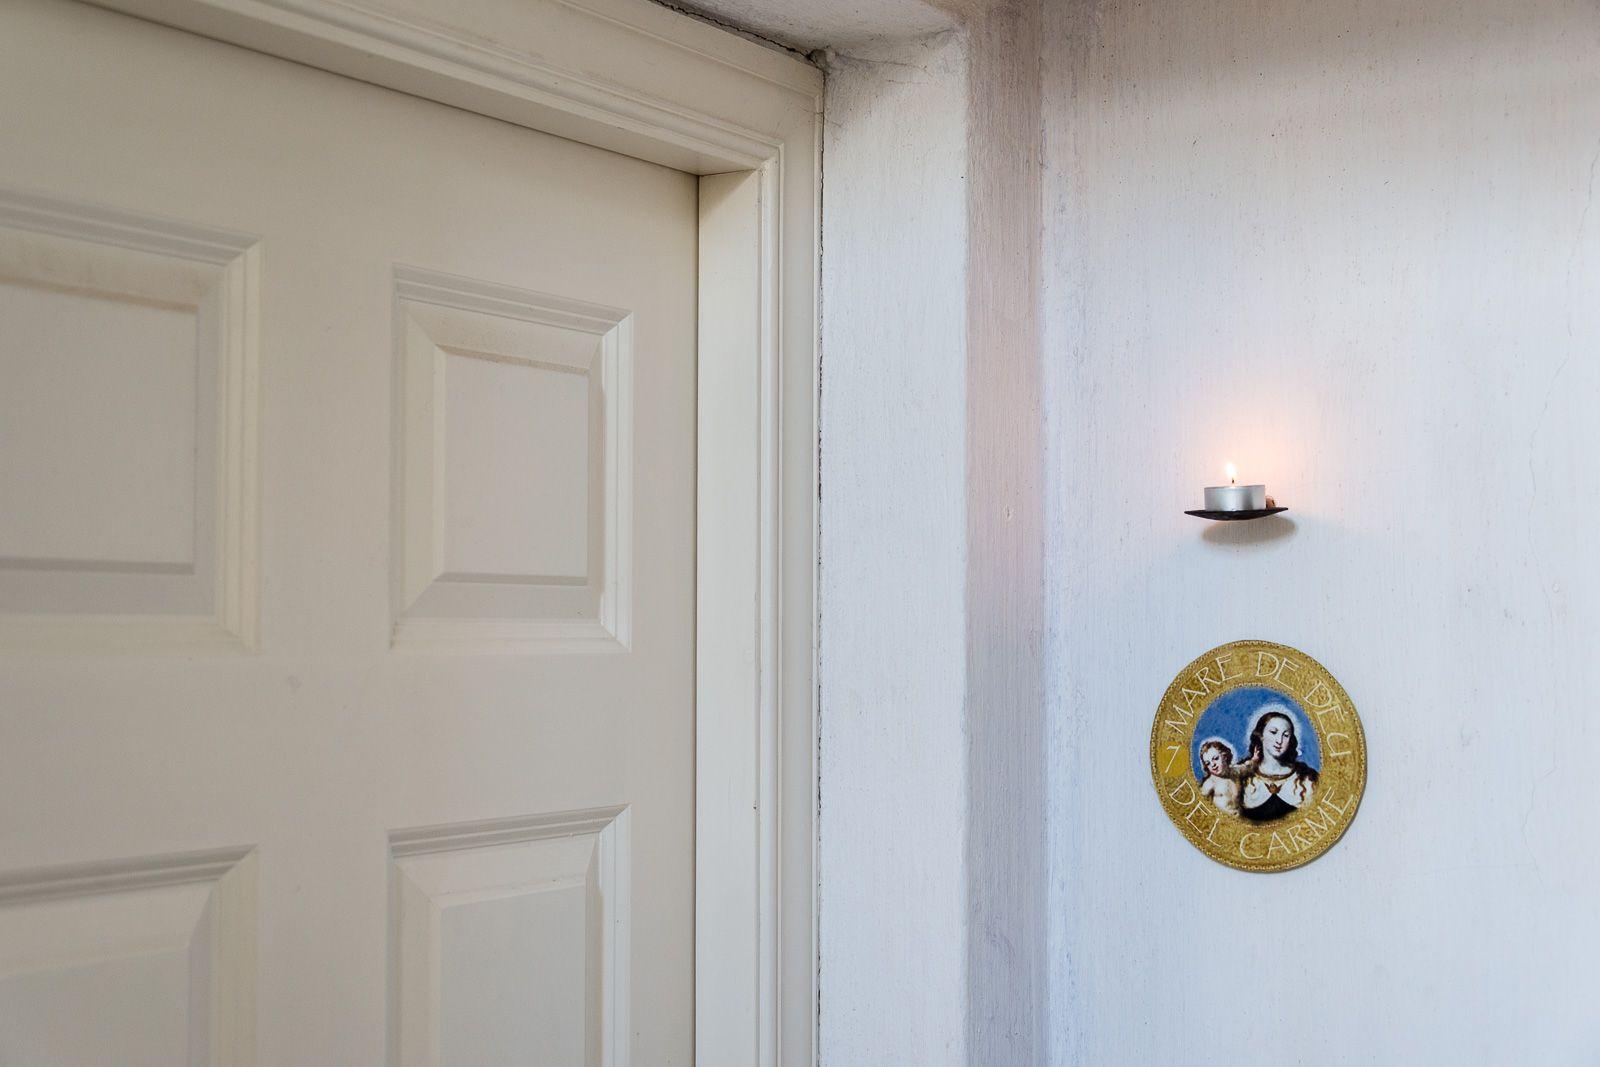 Mare de Déu del Carme - Hotel Tres Sants Rooms